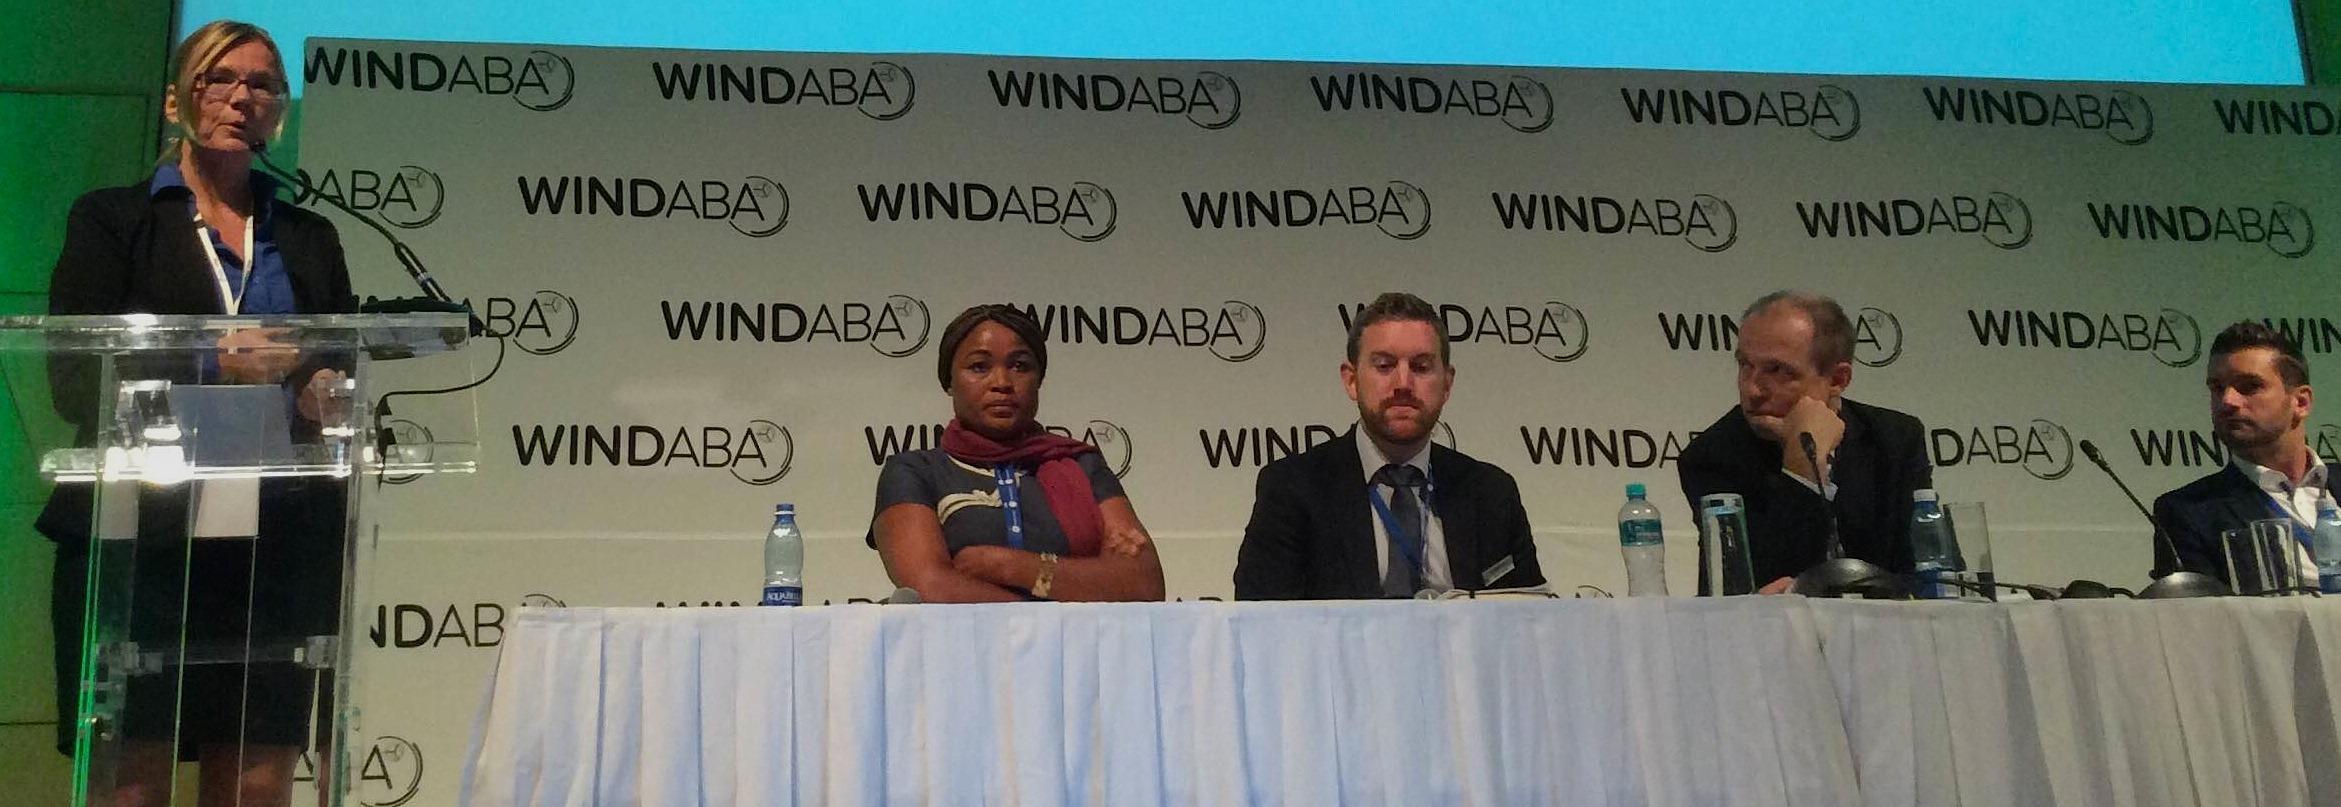 windaba-2016-panel-discussion. Pic credit: Nordex Acciona Windpower